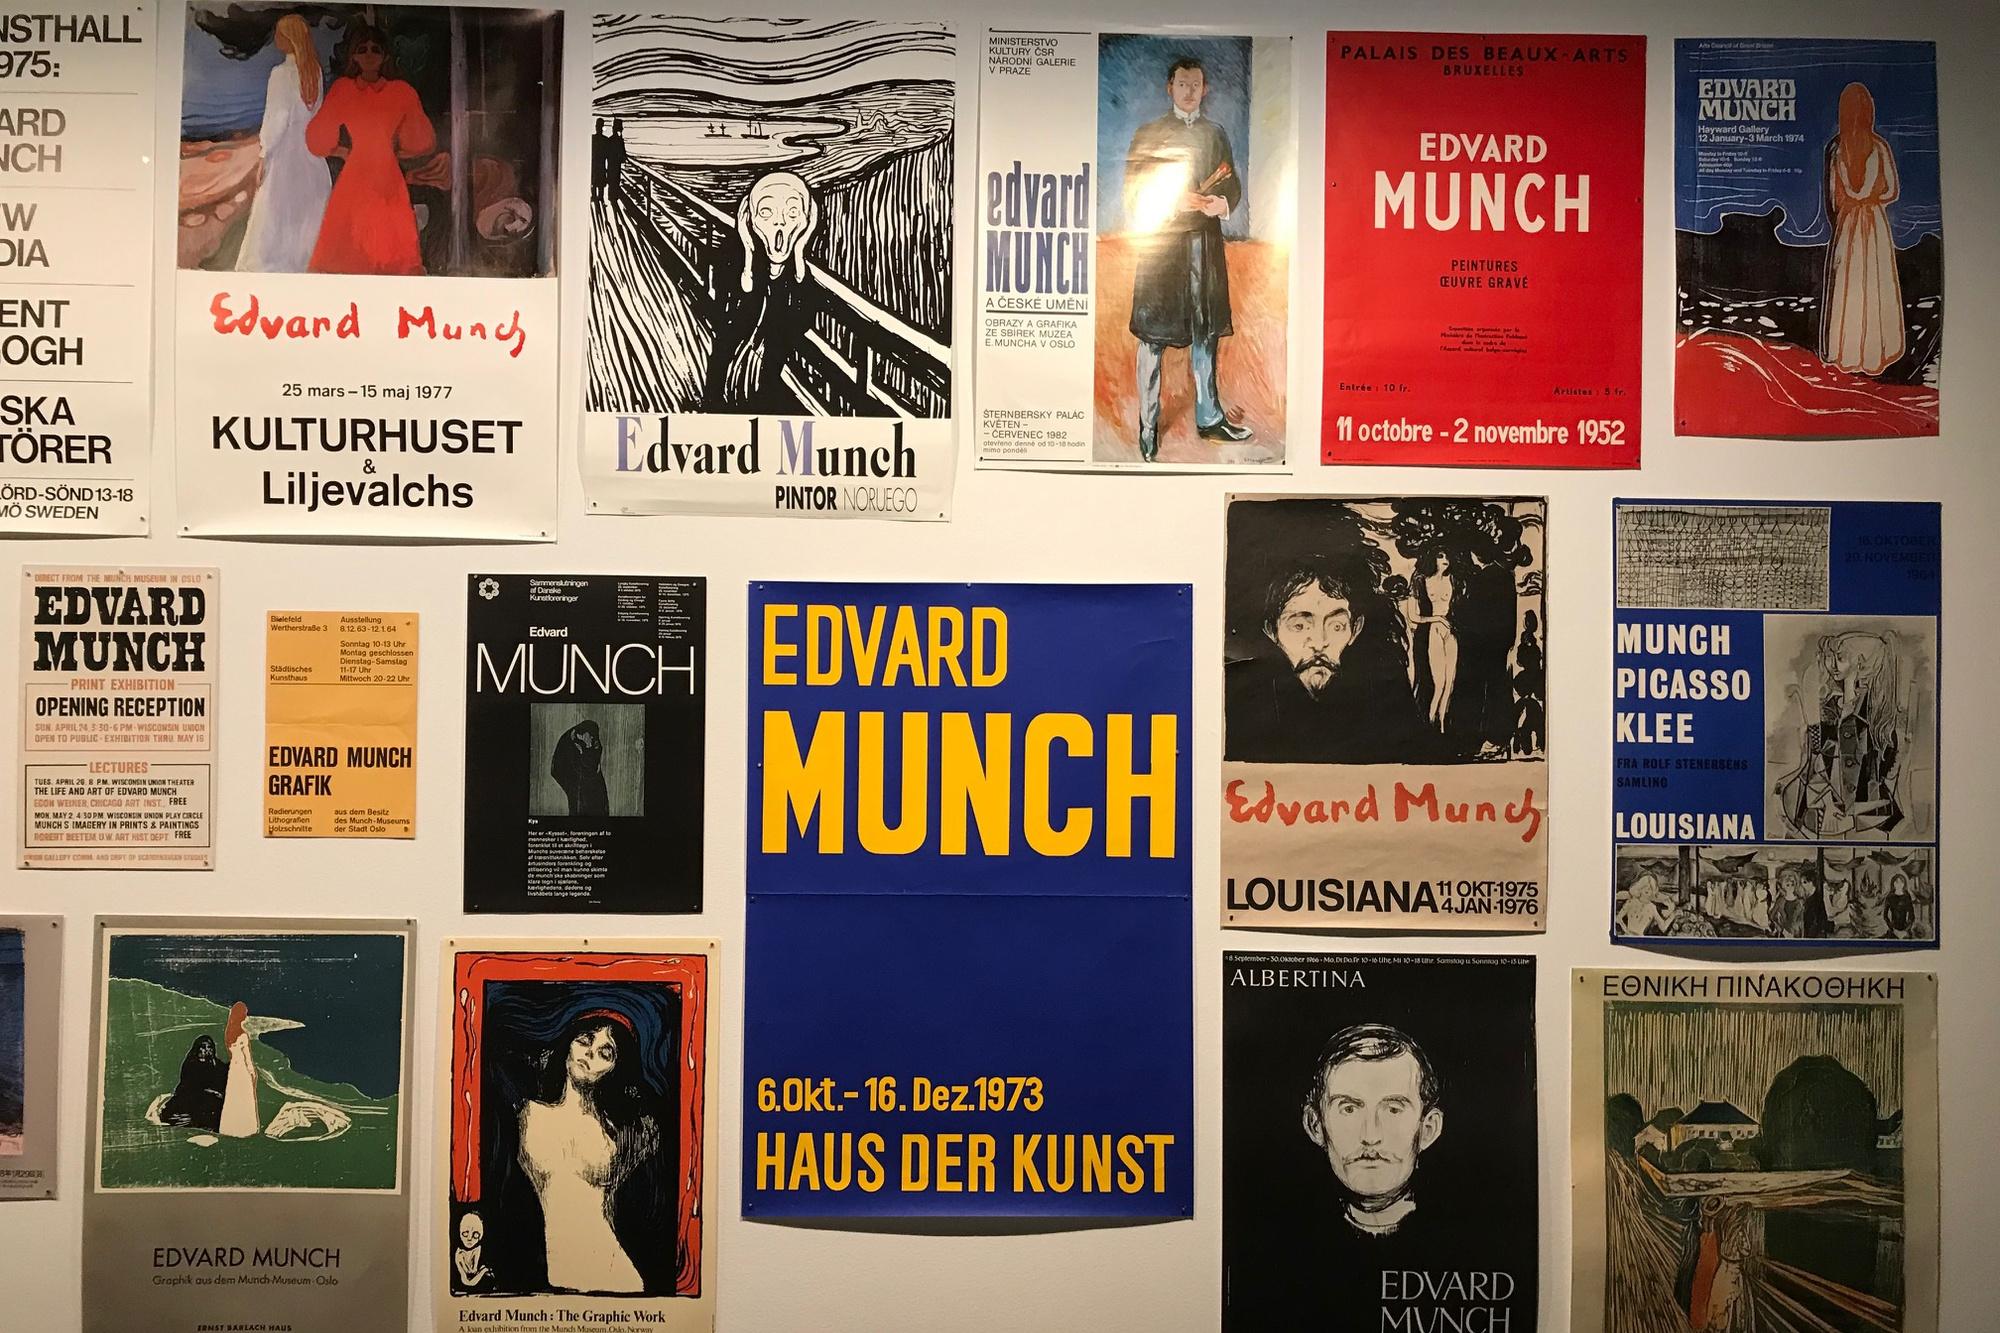 Het museum heeft in sterke mate bijgedragen tot de Munch-hype in de hele wereld., WS